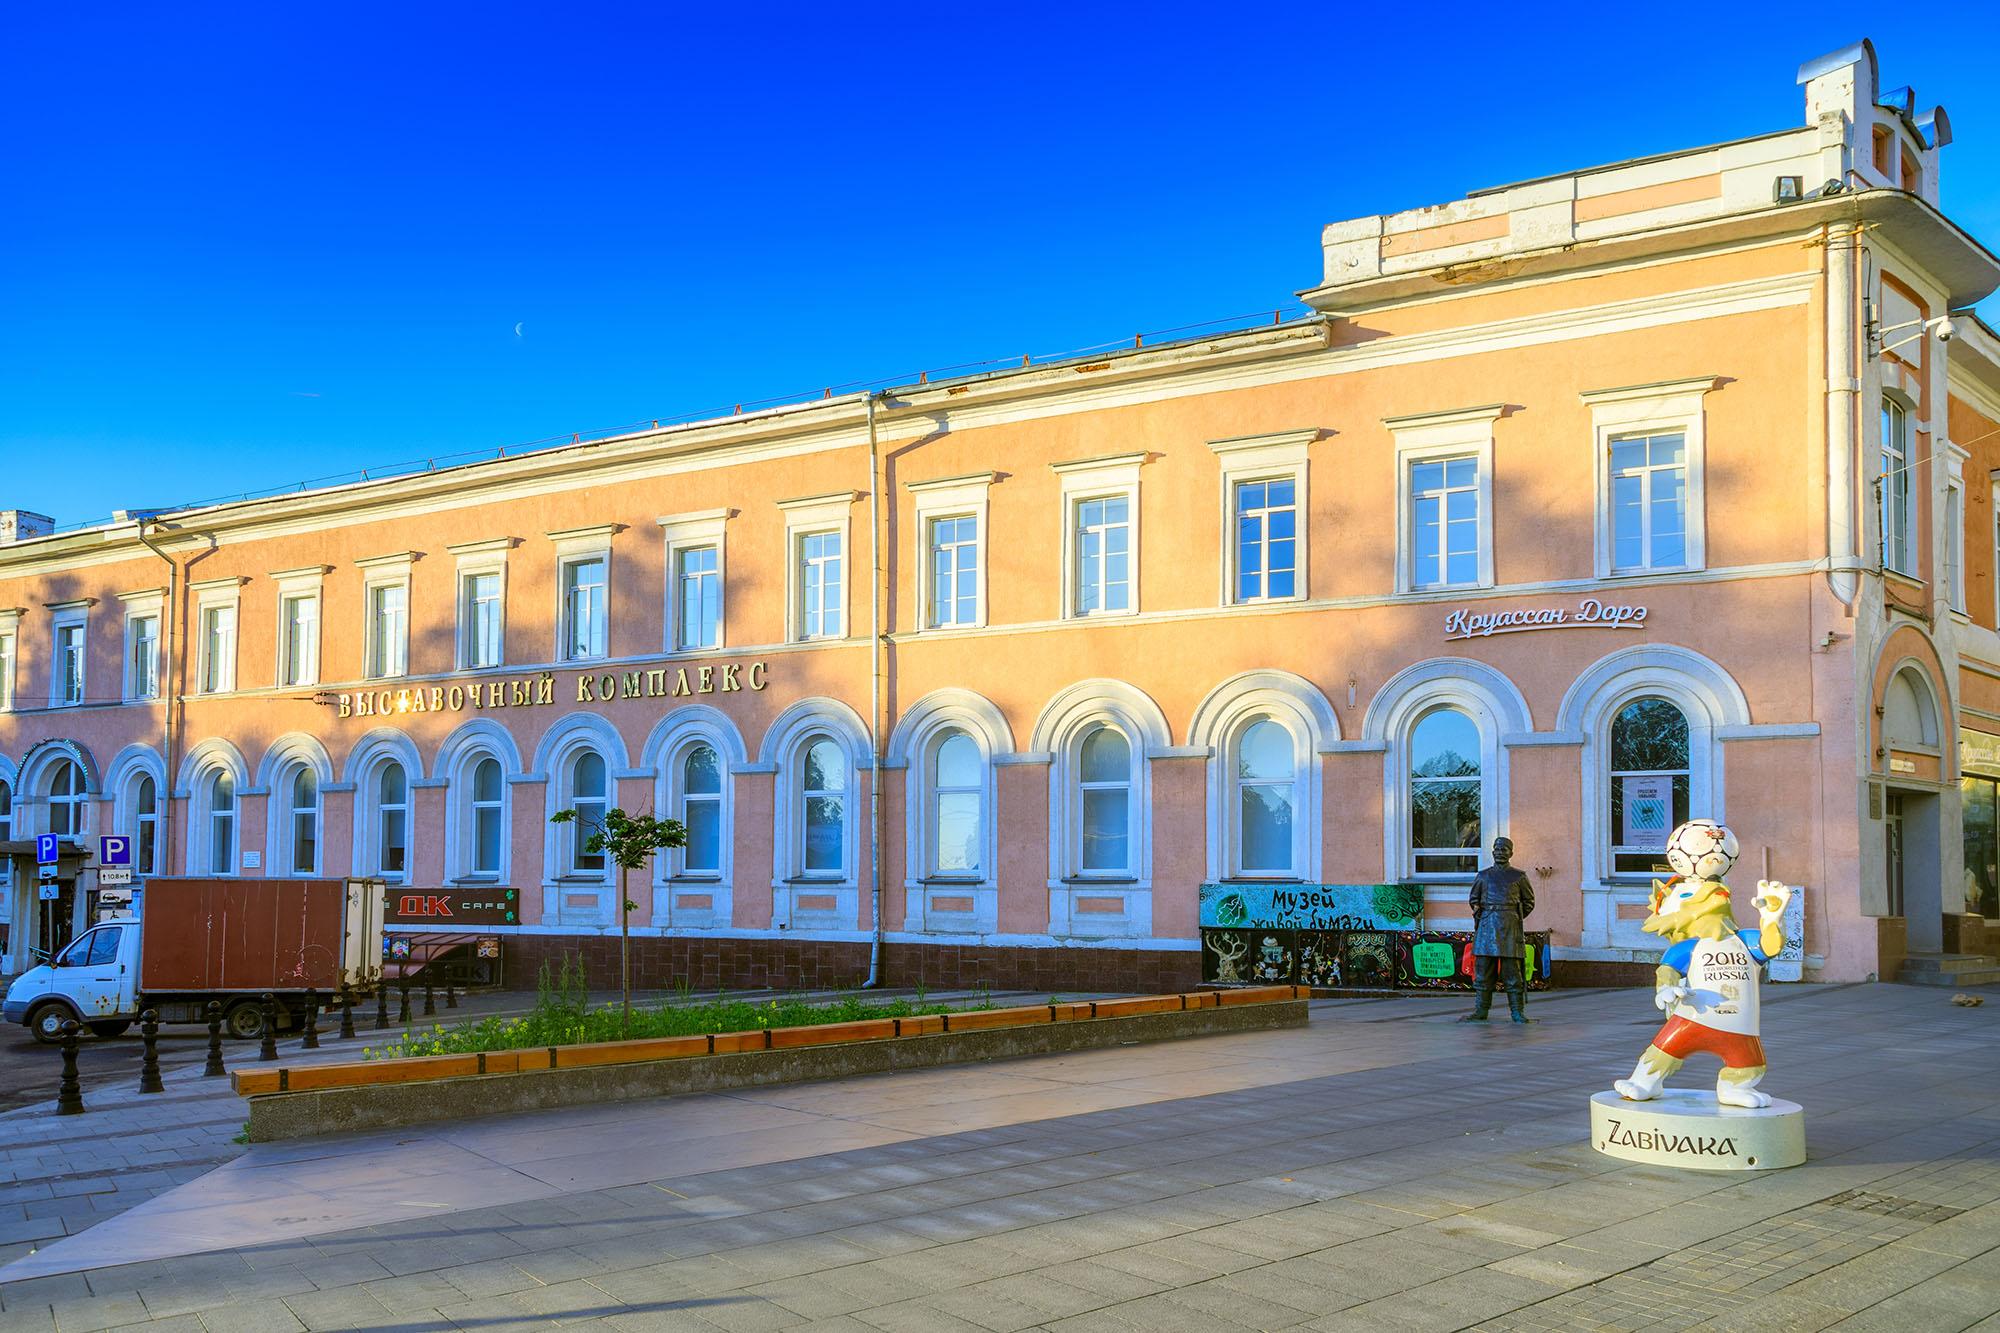 Нижегородский выставочный комплекс войдет в состав художественного музея в Нижнем Новгороде